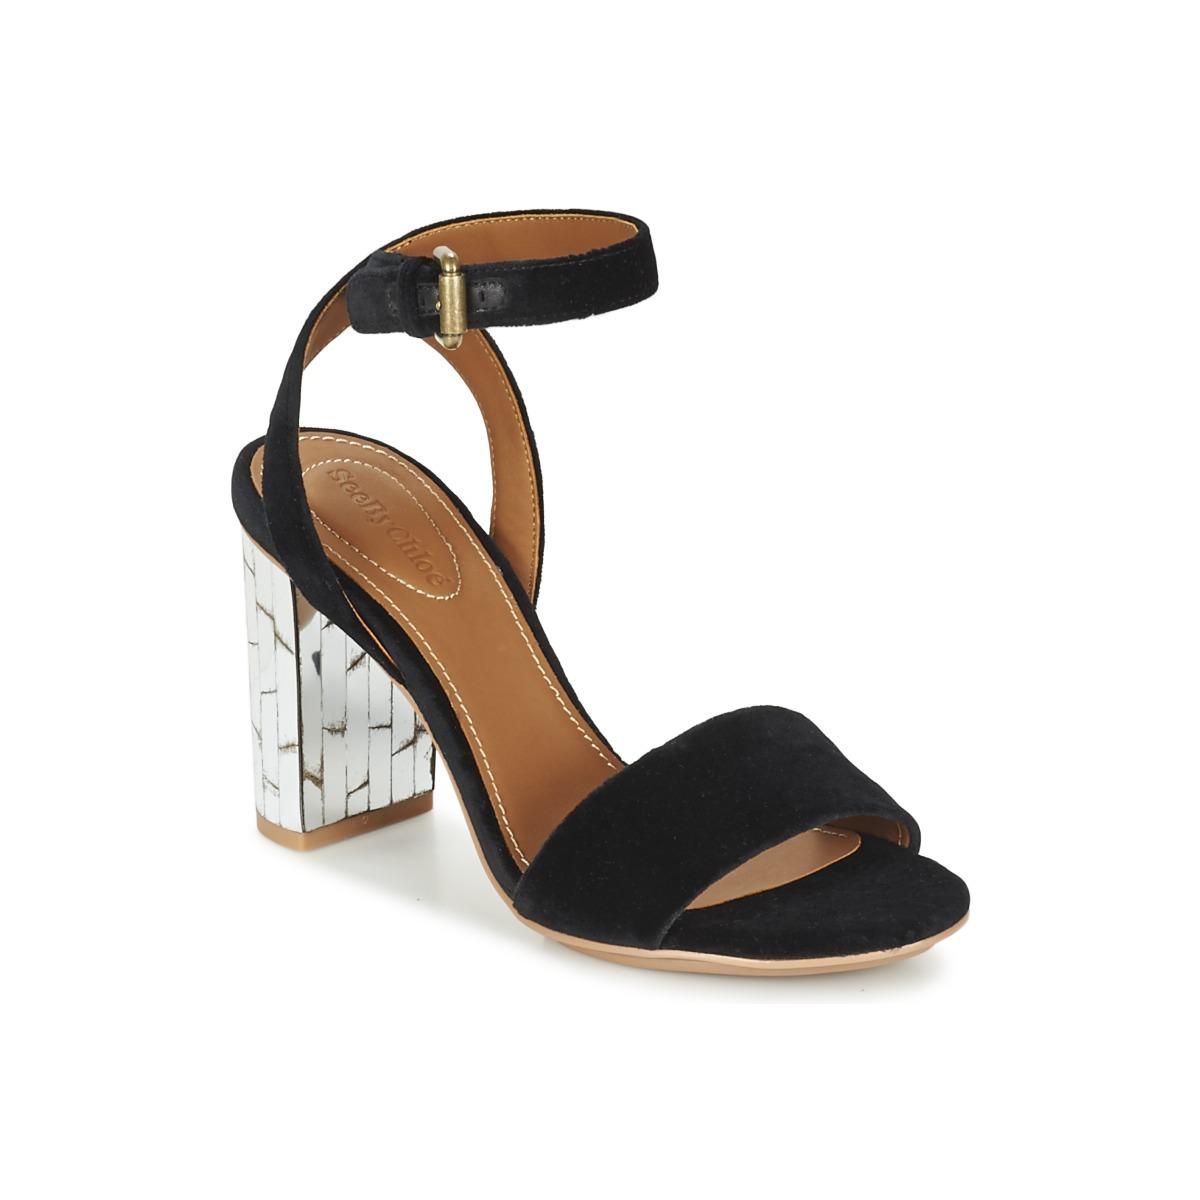 See by Chloé SB28001 Schwarz - Kostenloser Versand bei Spartoode ! - Schuhe Sandalen / Sandaletten Damen 199,50 €